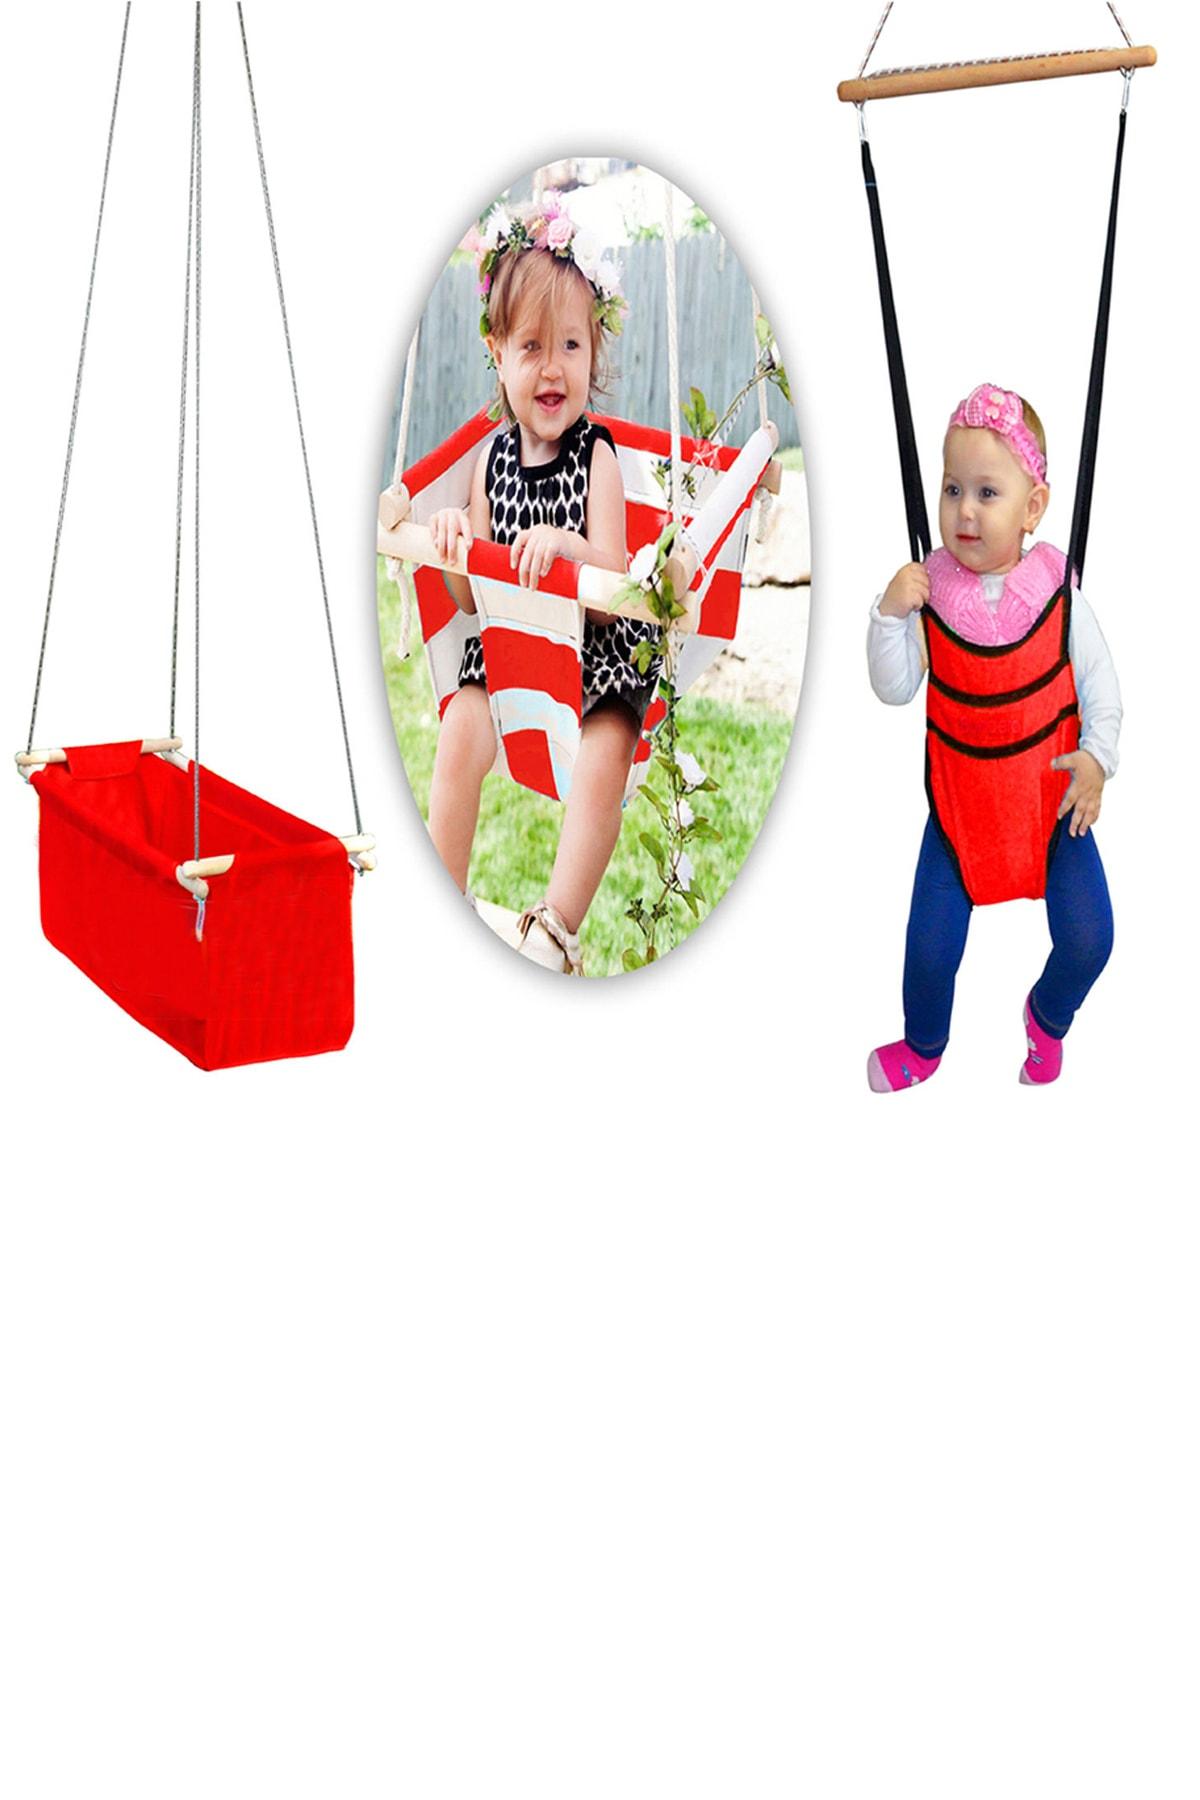 Bundera Eko Üçlü Set Bebek Hamak Beşik Hoppala Zıpzıp Yürüteç Asmalı Salıncak Çingene Beşiği Takımı 1